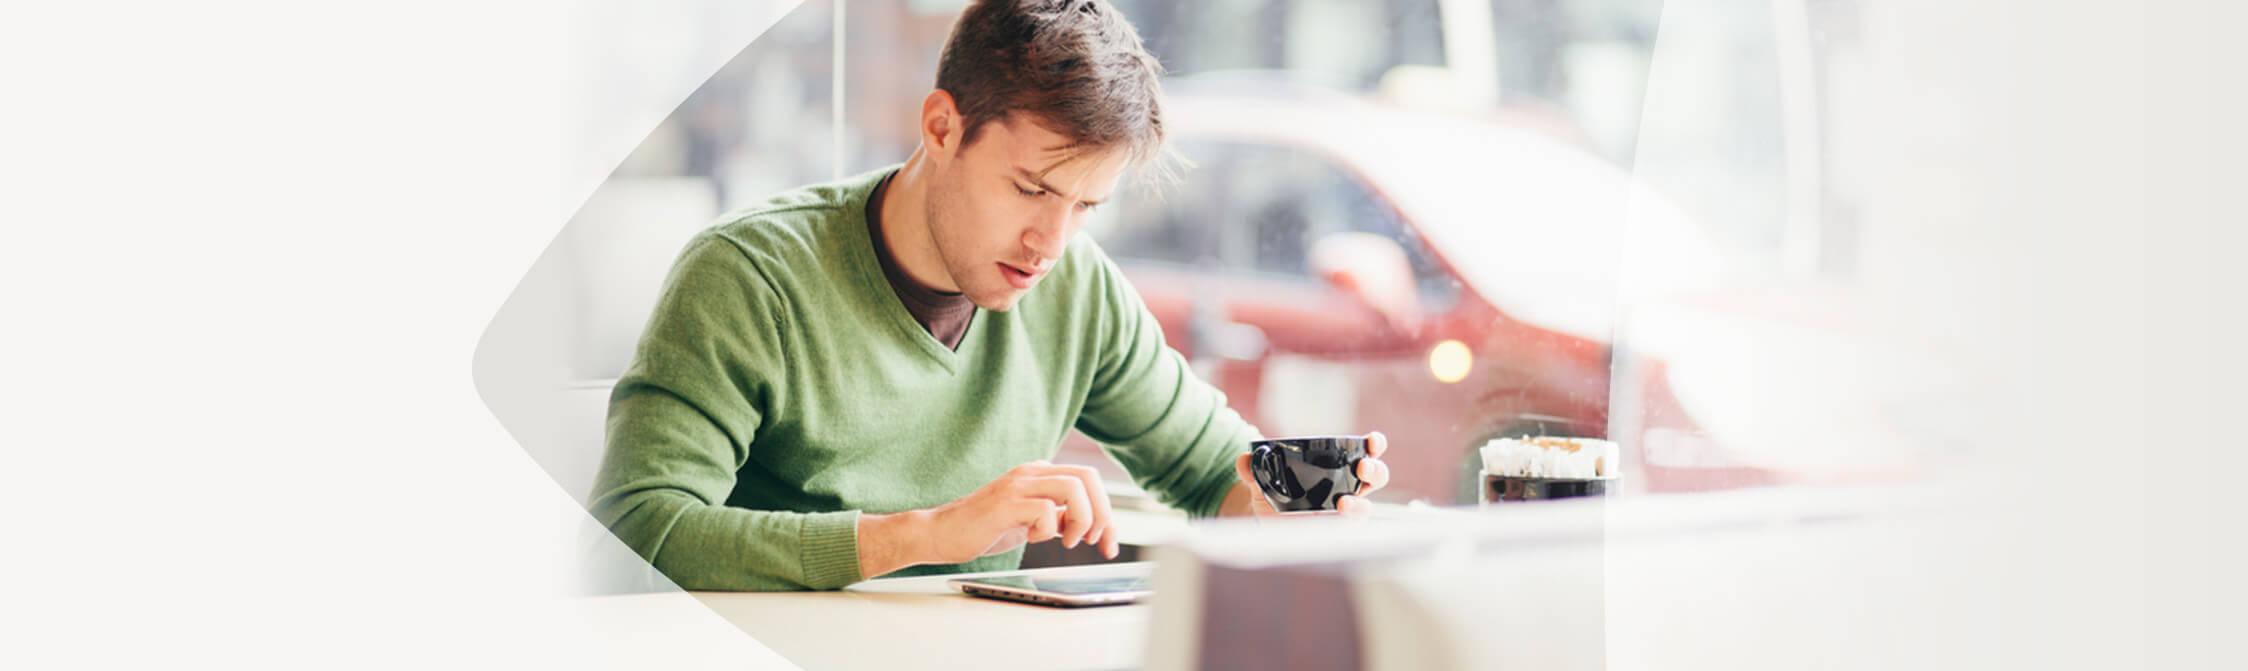 Man zit in een café en raadpleegt het internet